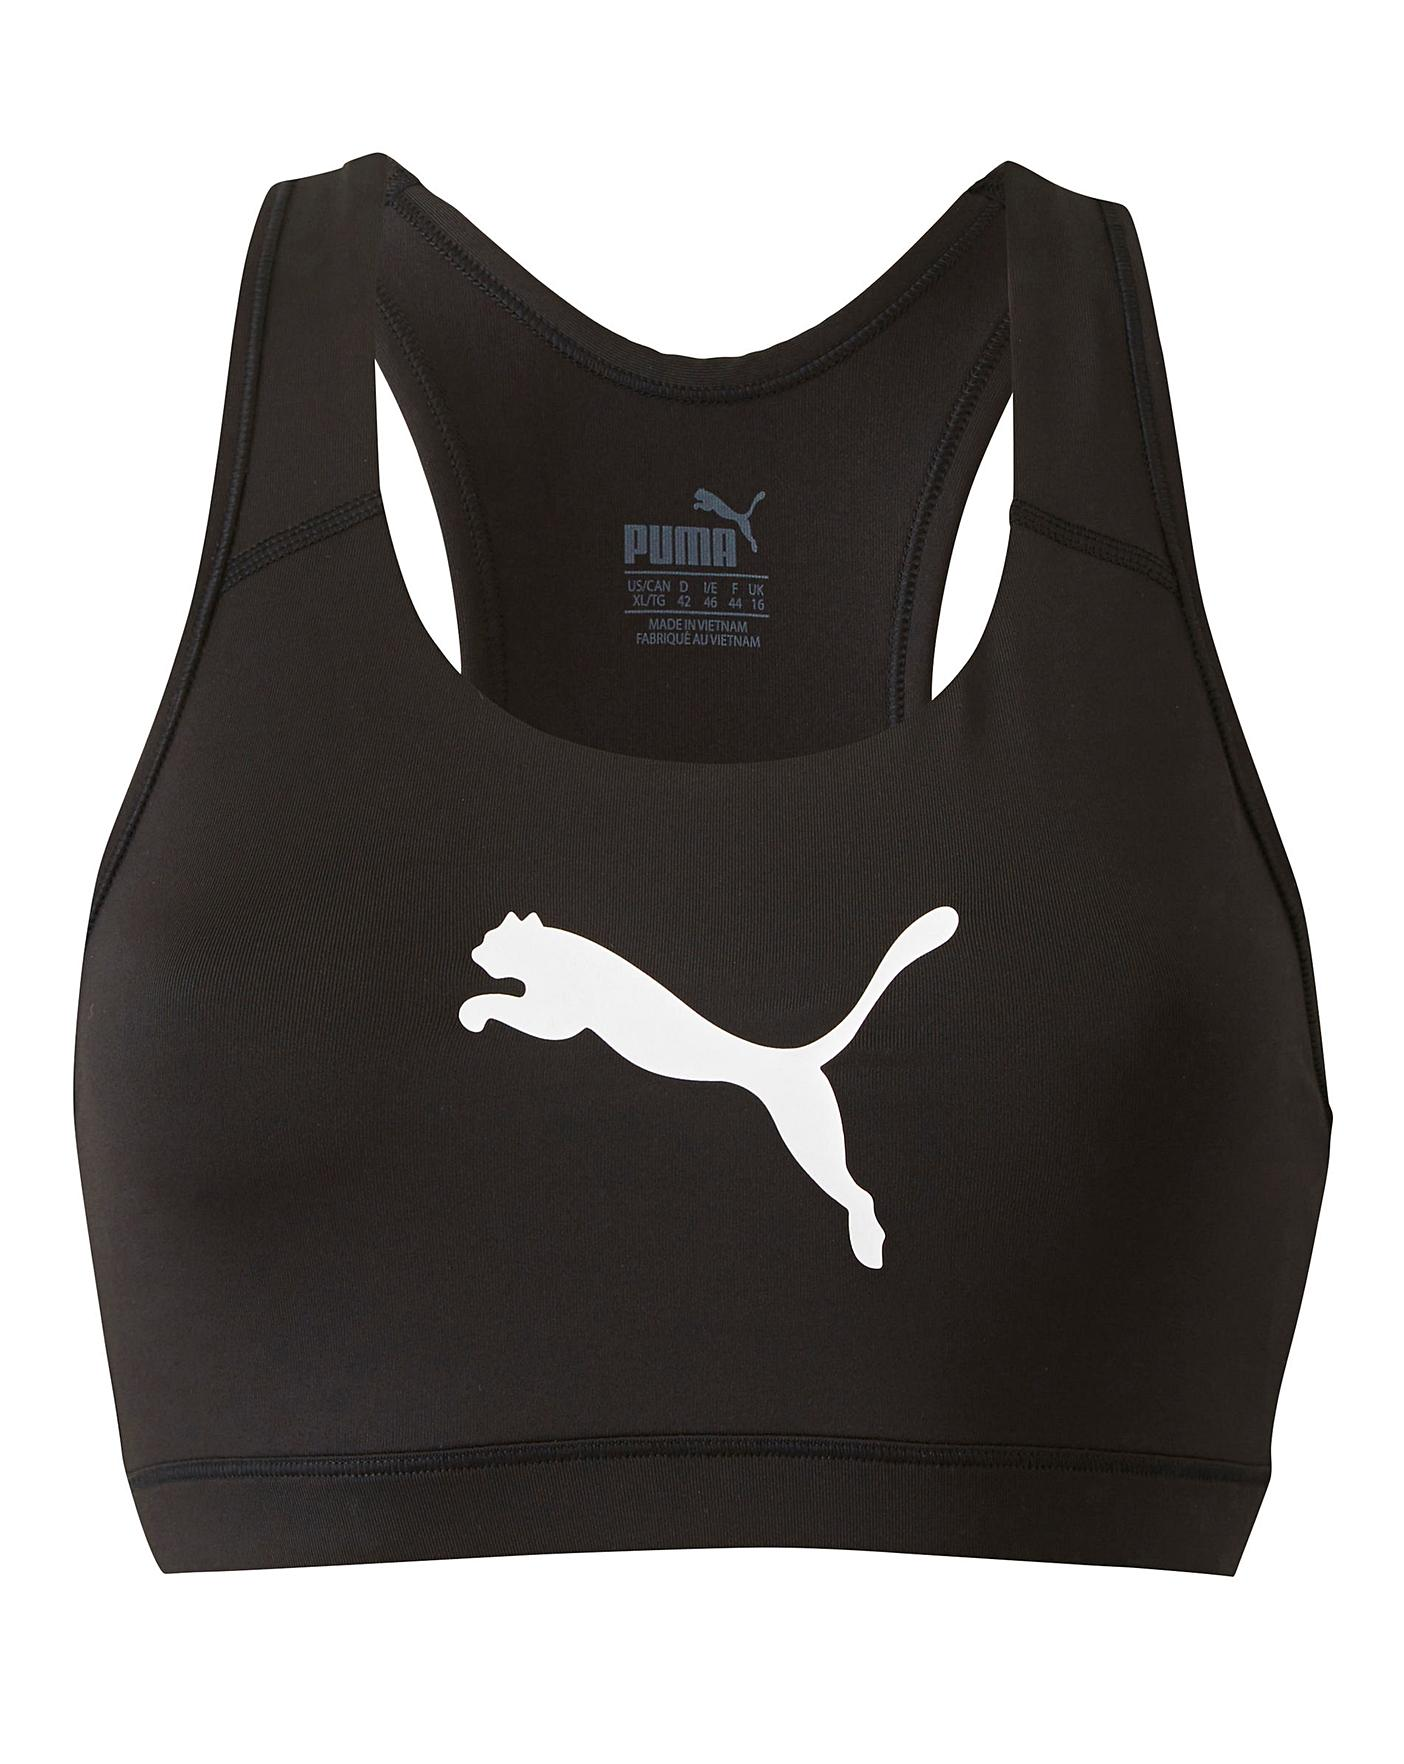 Puma Ladies Black 4Keeps Bra | Oxendales